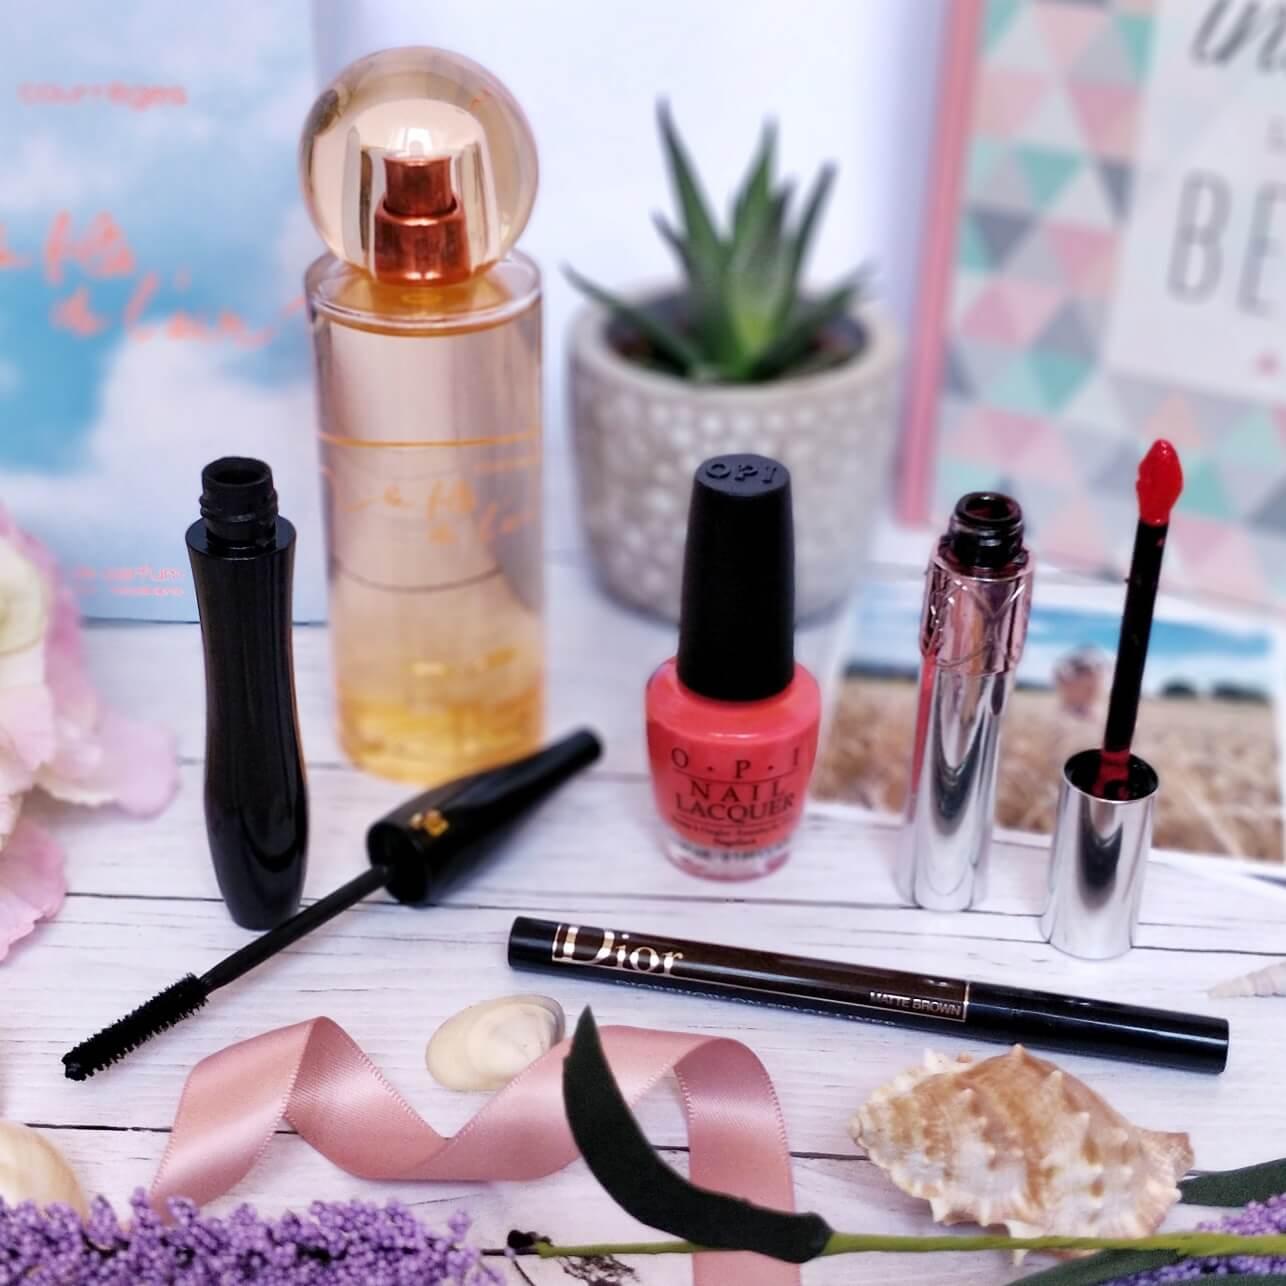 maquillage parfum dior lancome ysl courreges parfumerie burdin - Un maquillage frais pour l'été avec la Parfumerie Burdin